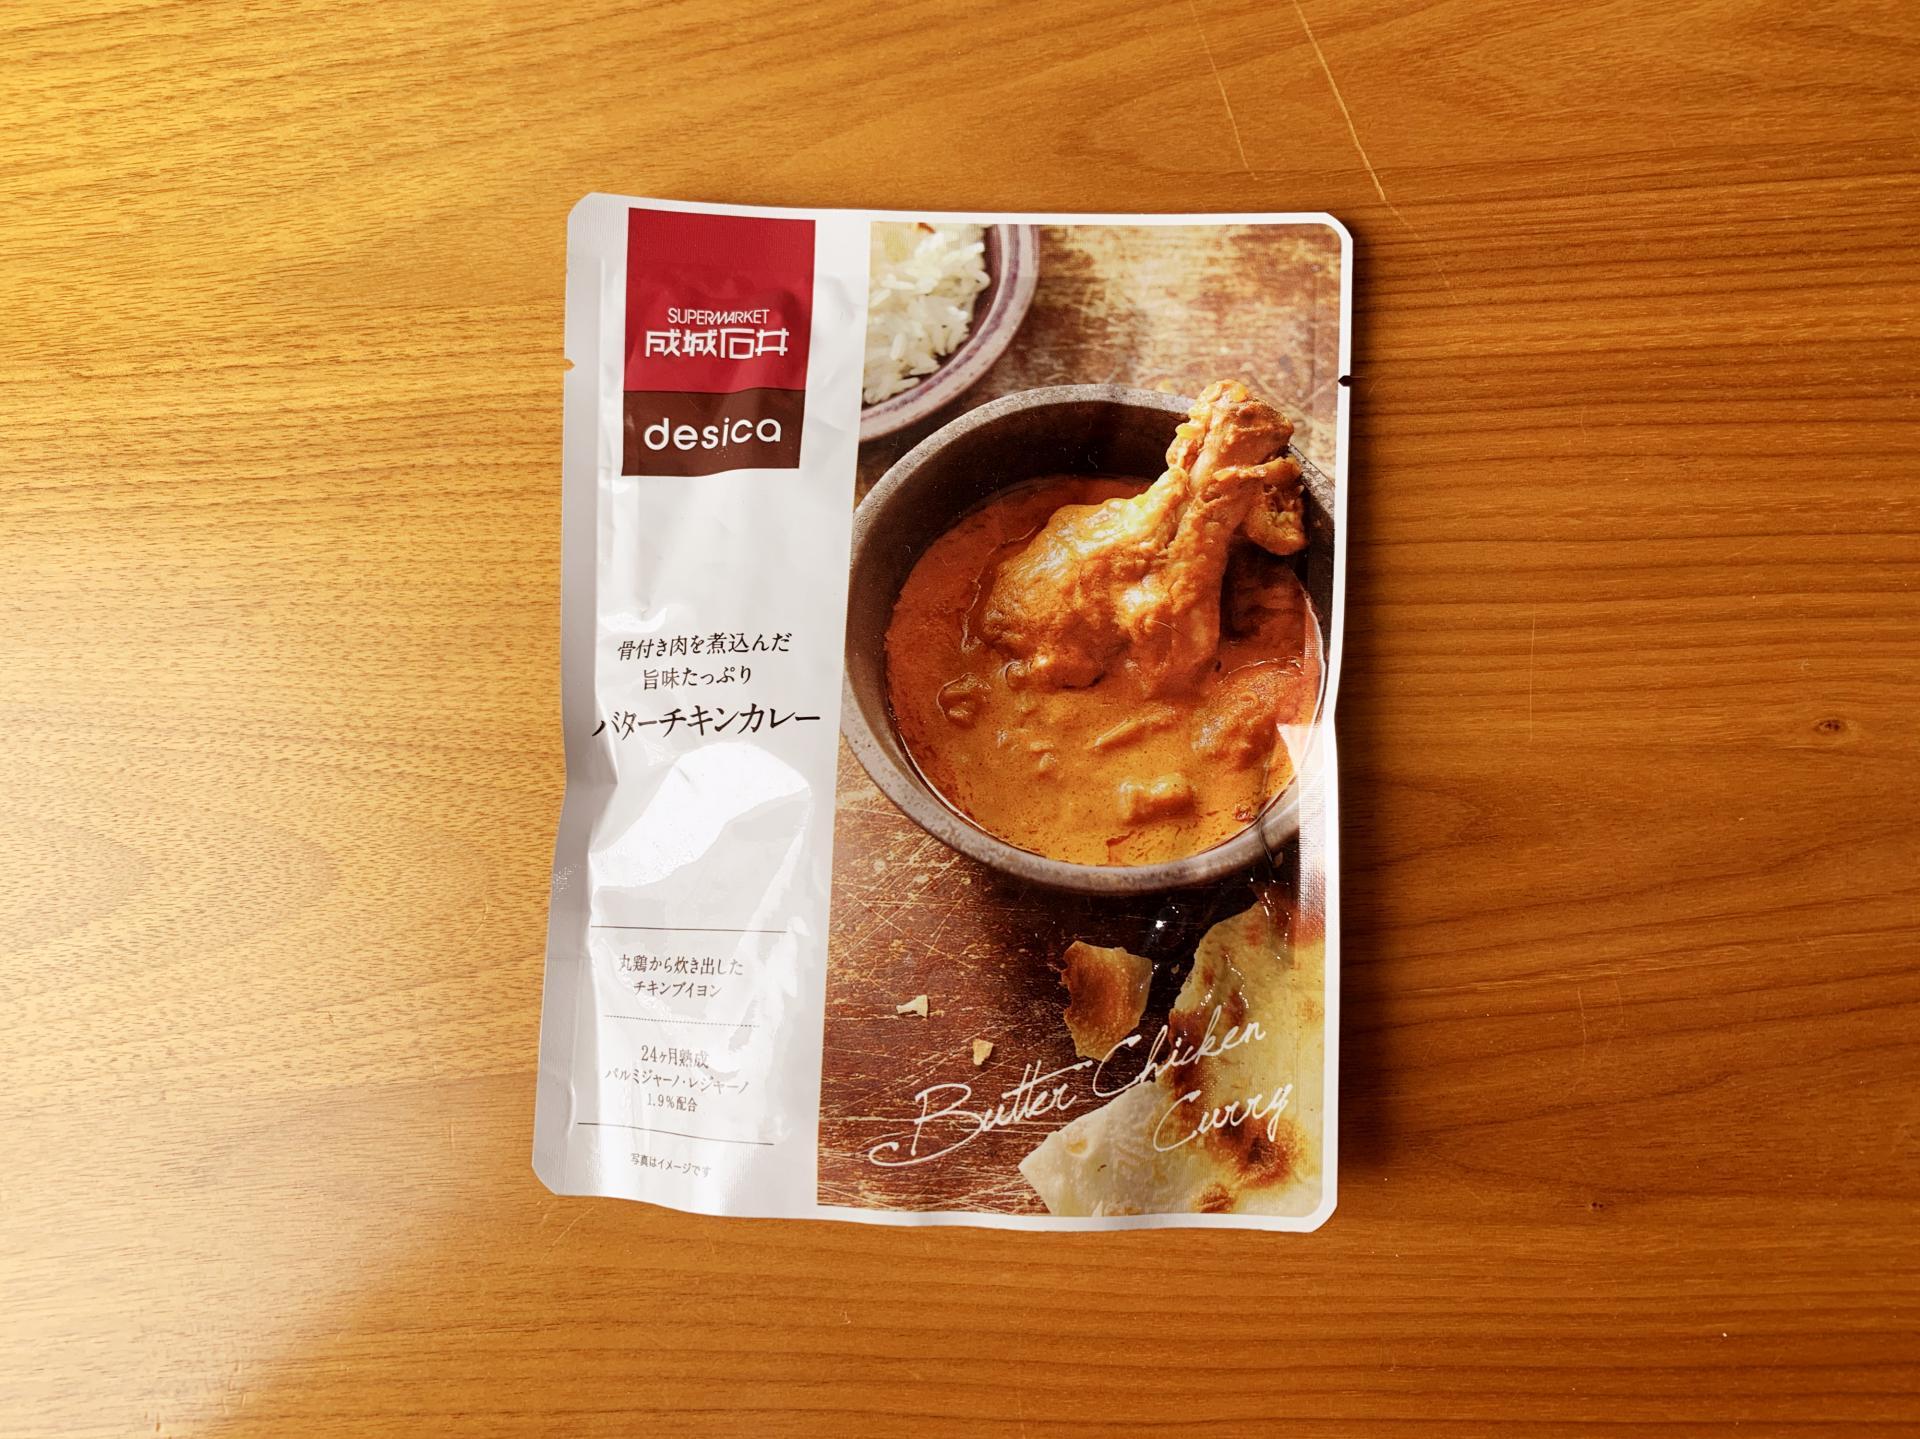 成城石井のレトルト食品まとめ!おすすめの定番商品や変わり種までご紹介